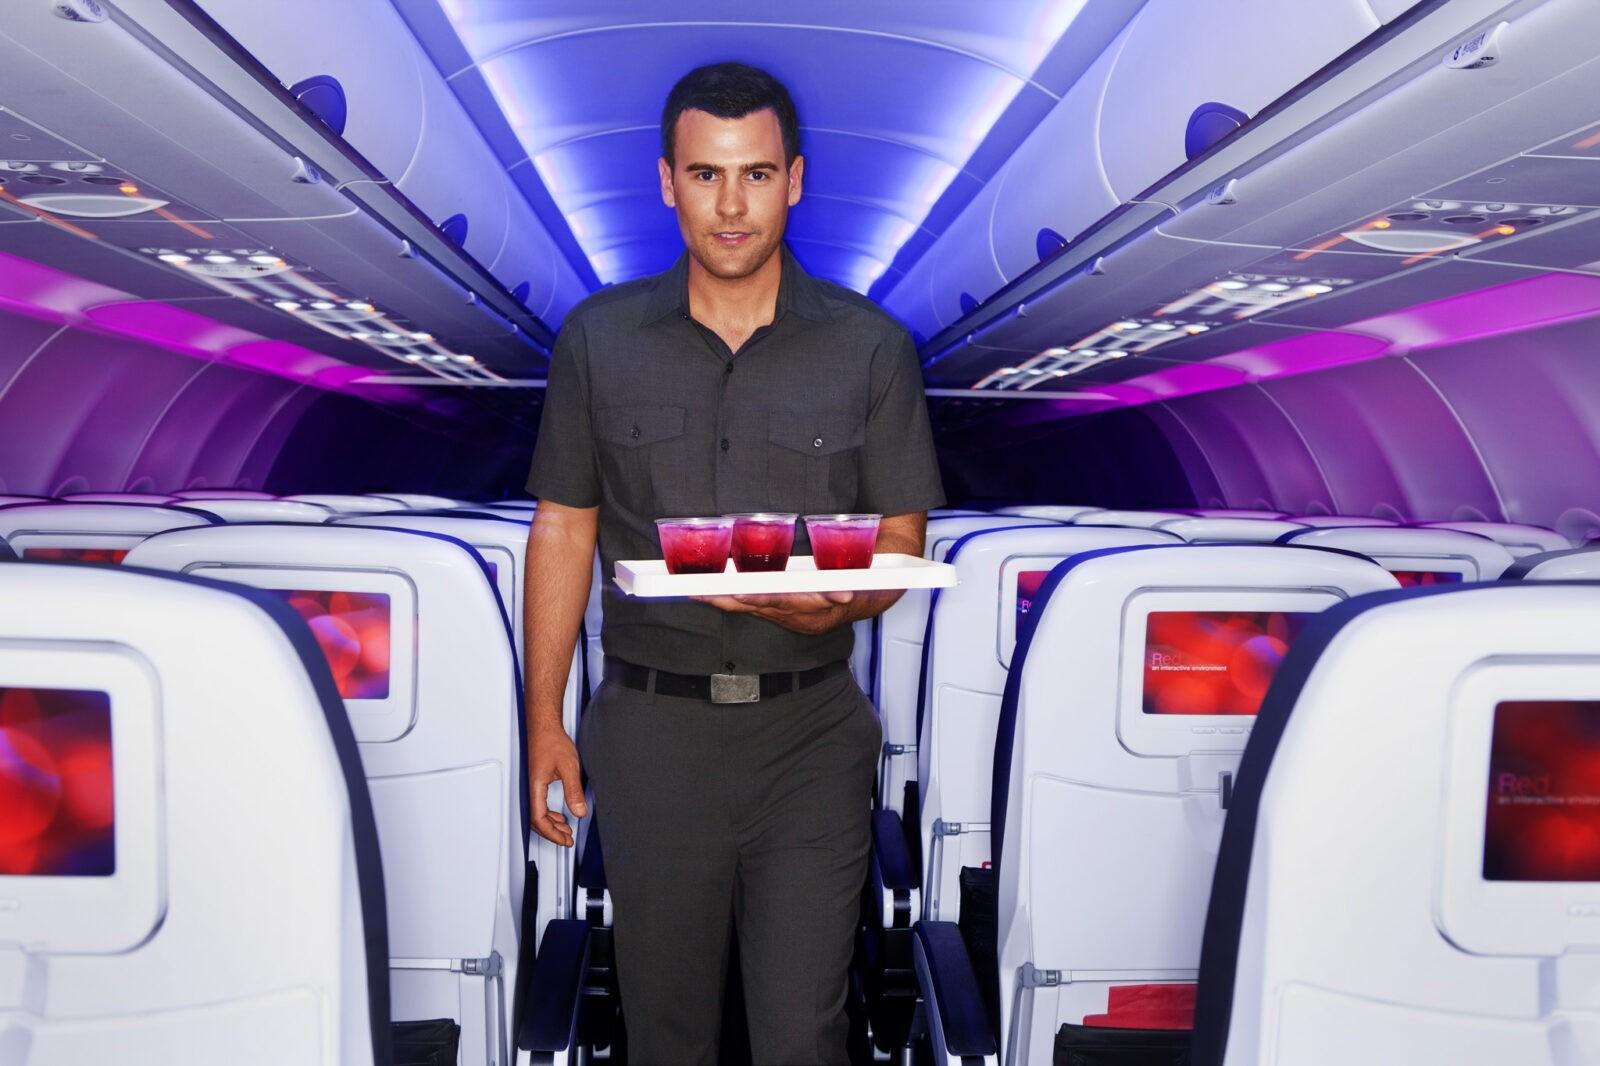 Рейс в Америку. В аэропорту Тель-Авива идет посадка на рейс американской авиакомпании...